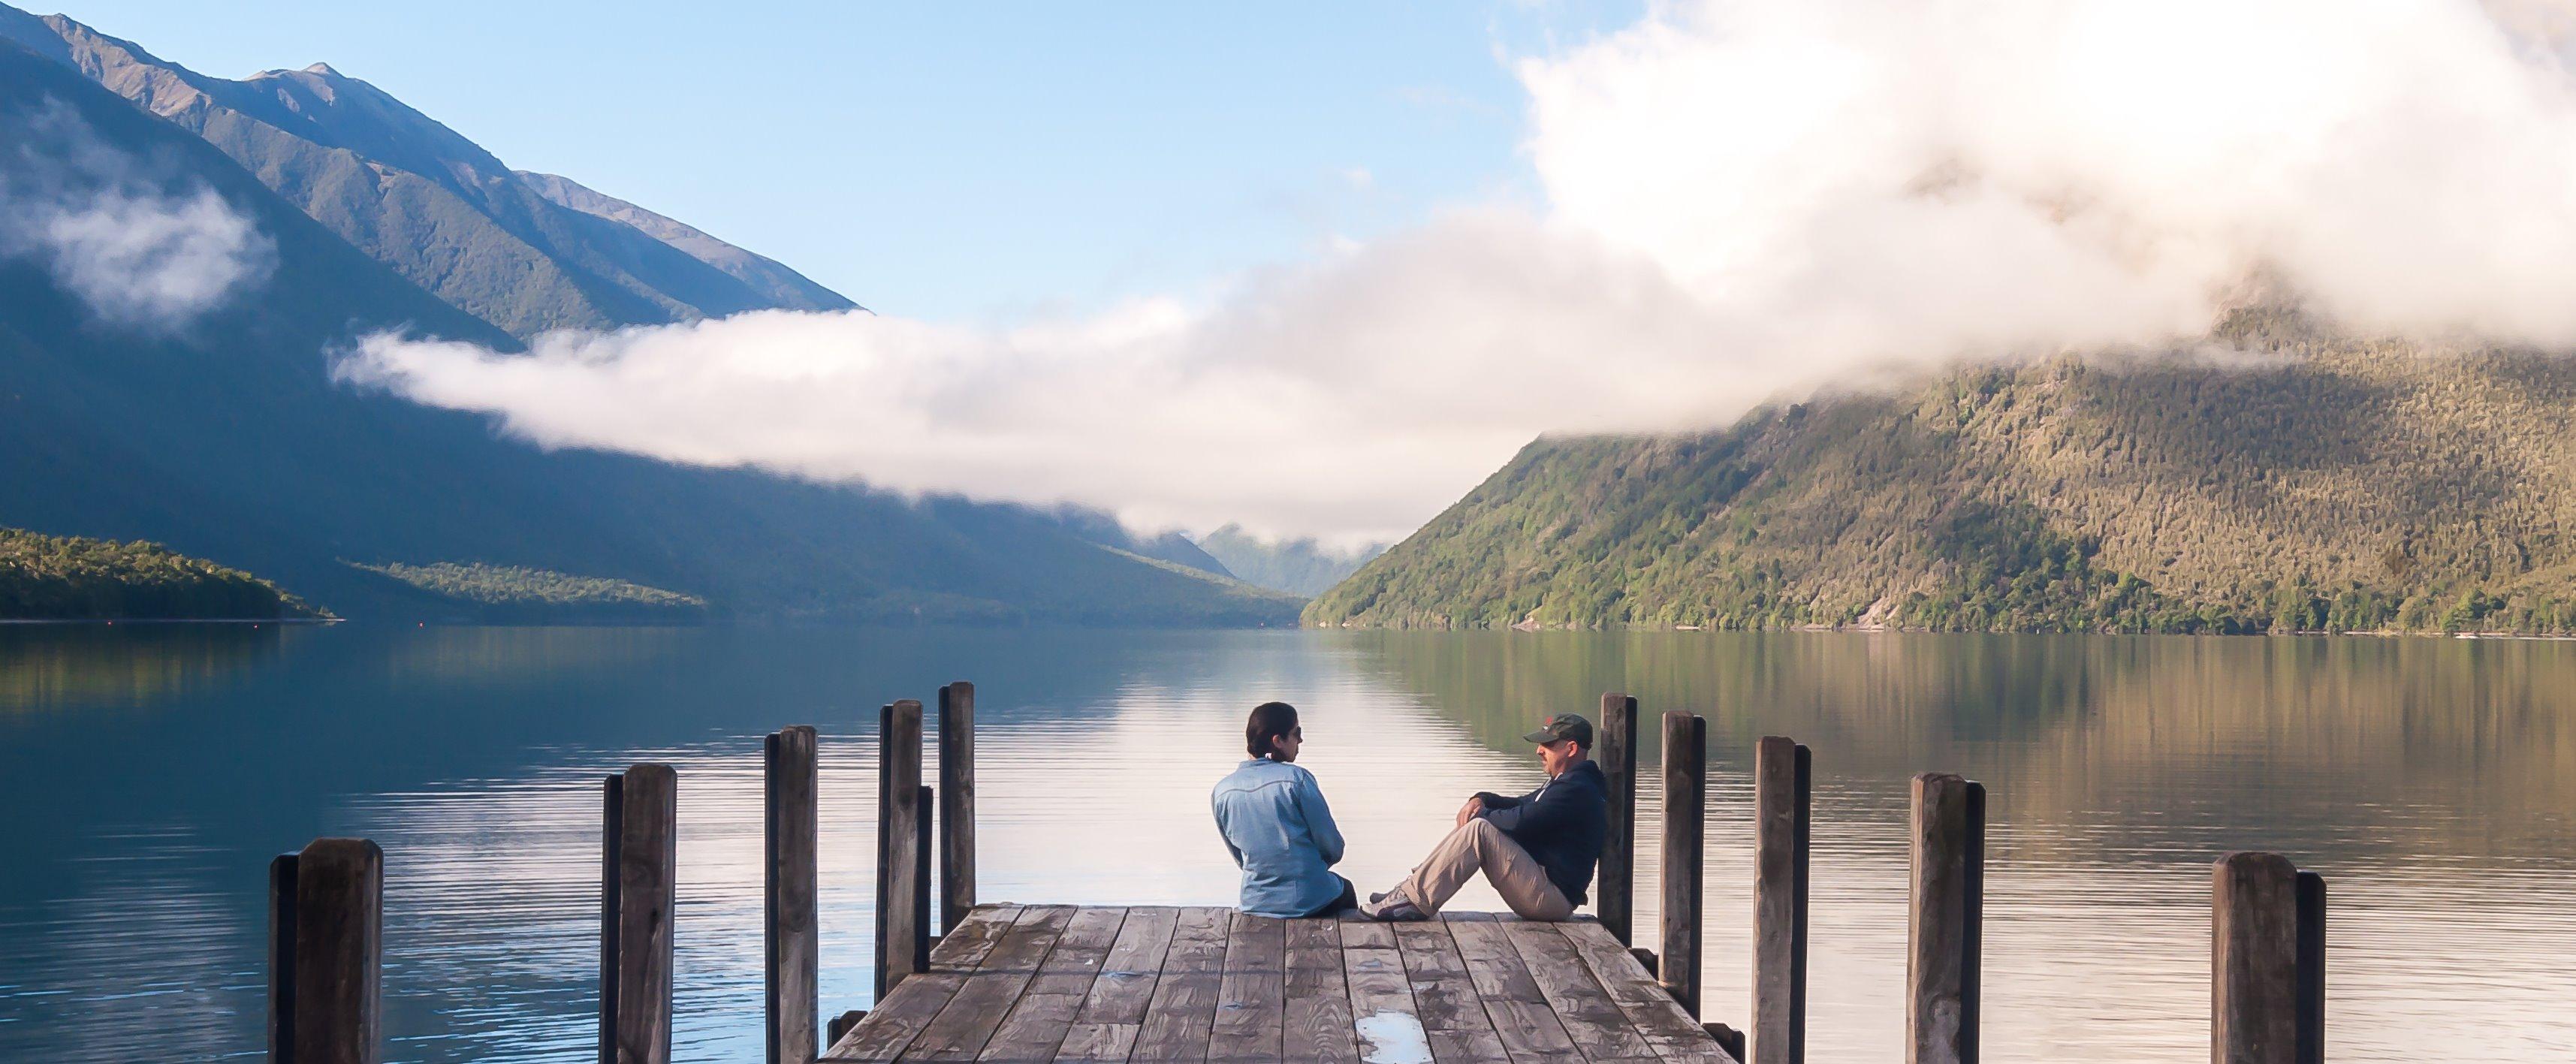 Header_Neuseeland_TS_Nelson_Lake_National_Park_shutterstock_253459381